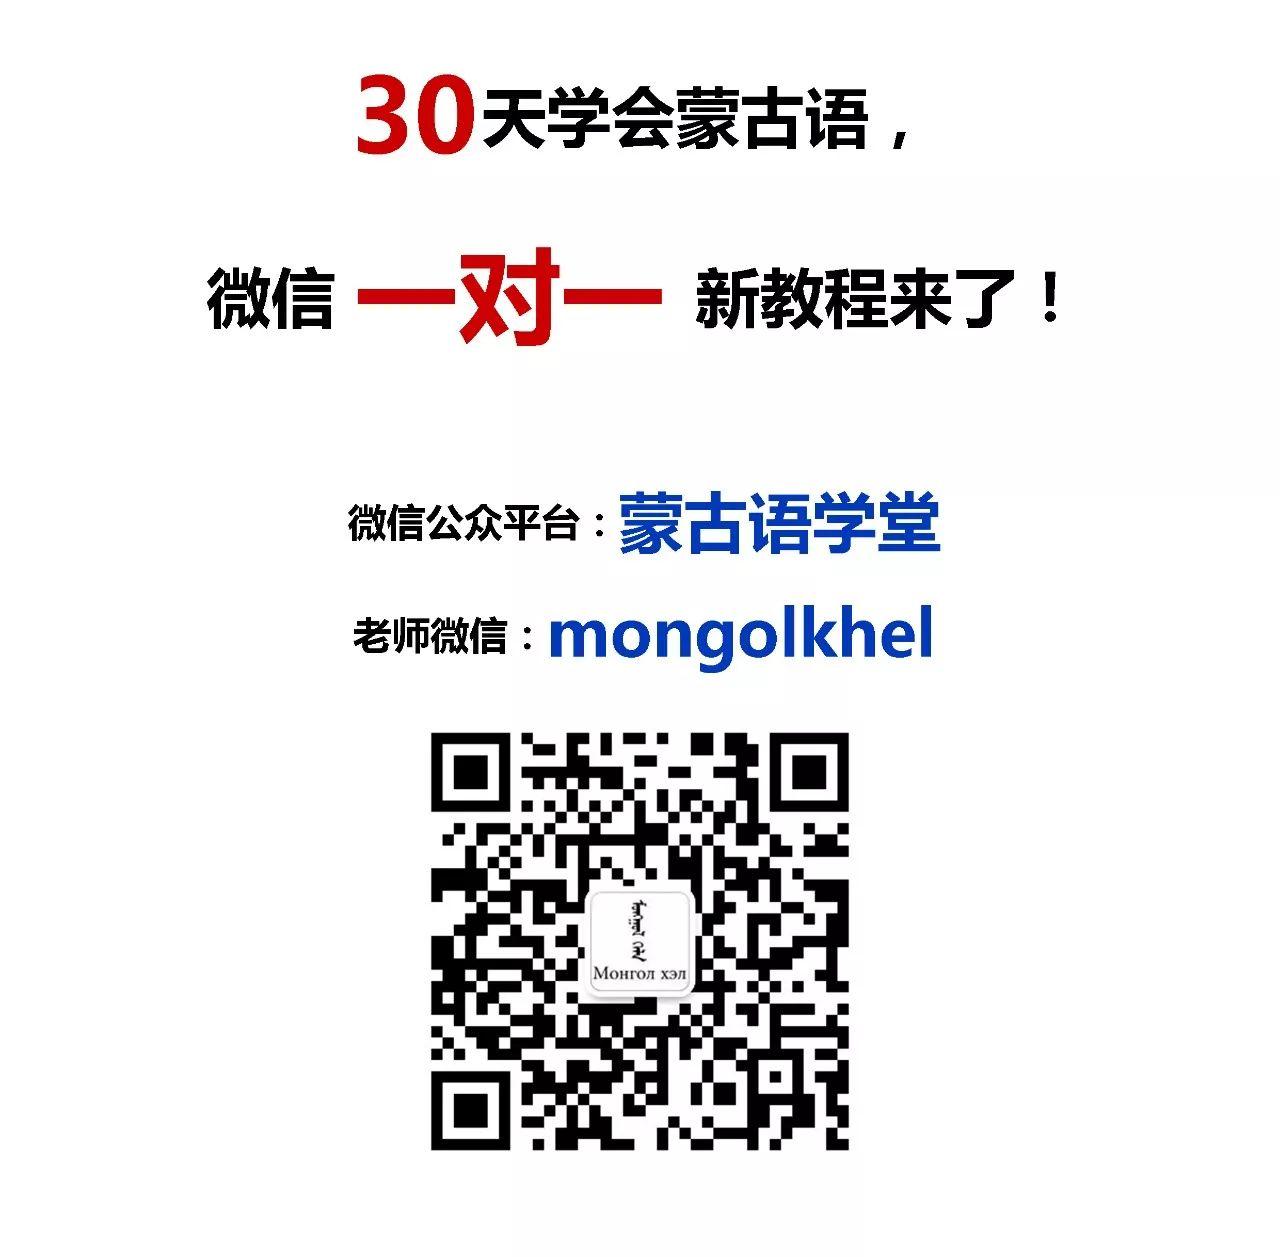 蒙古历史听书 1-0 前言 оршил 第12张 蒙古历史听书 1-0 前言 оршил 蒙古文化